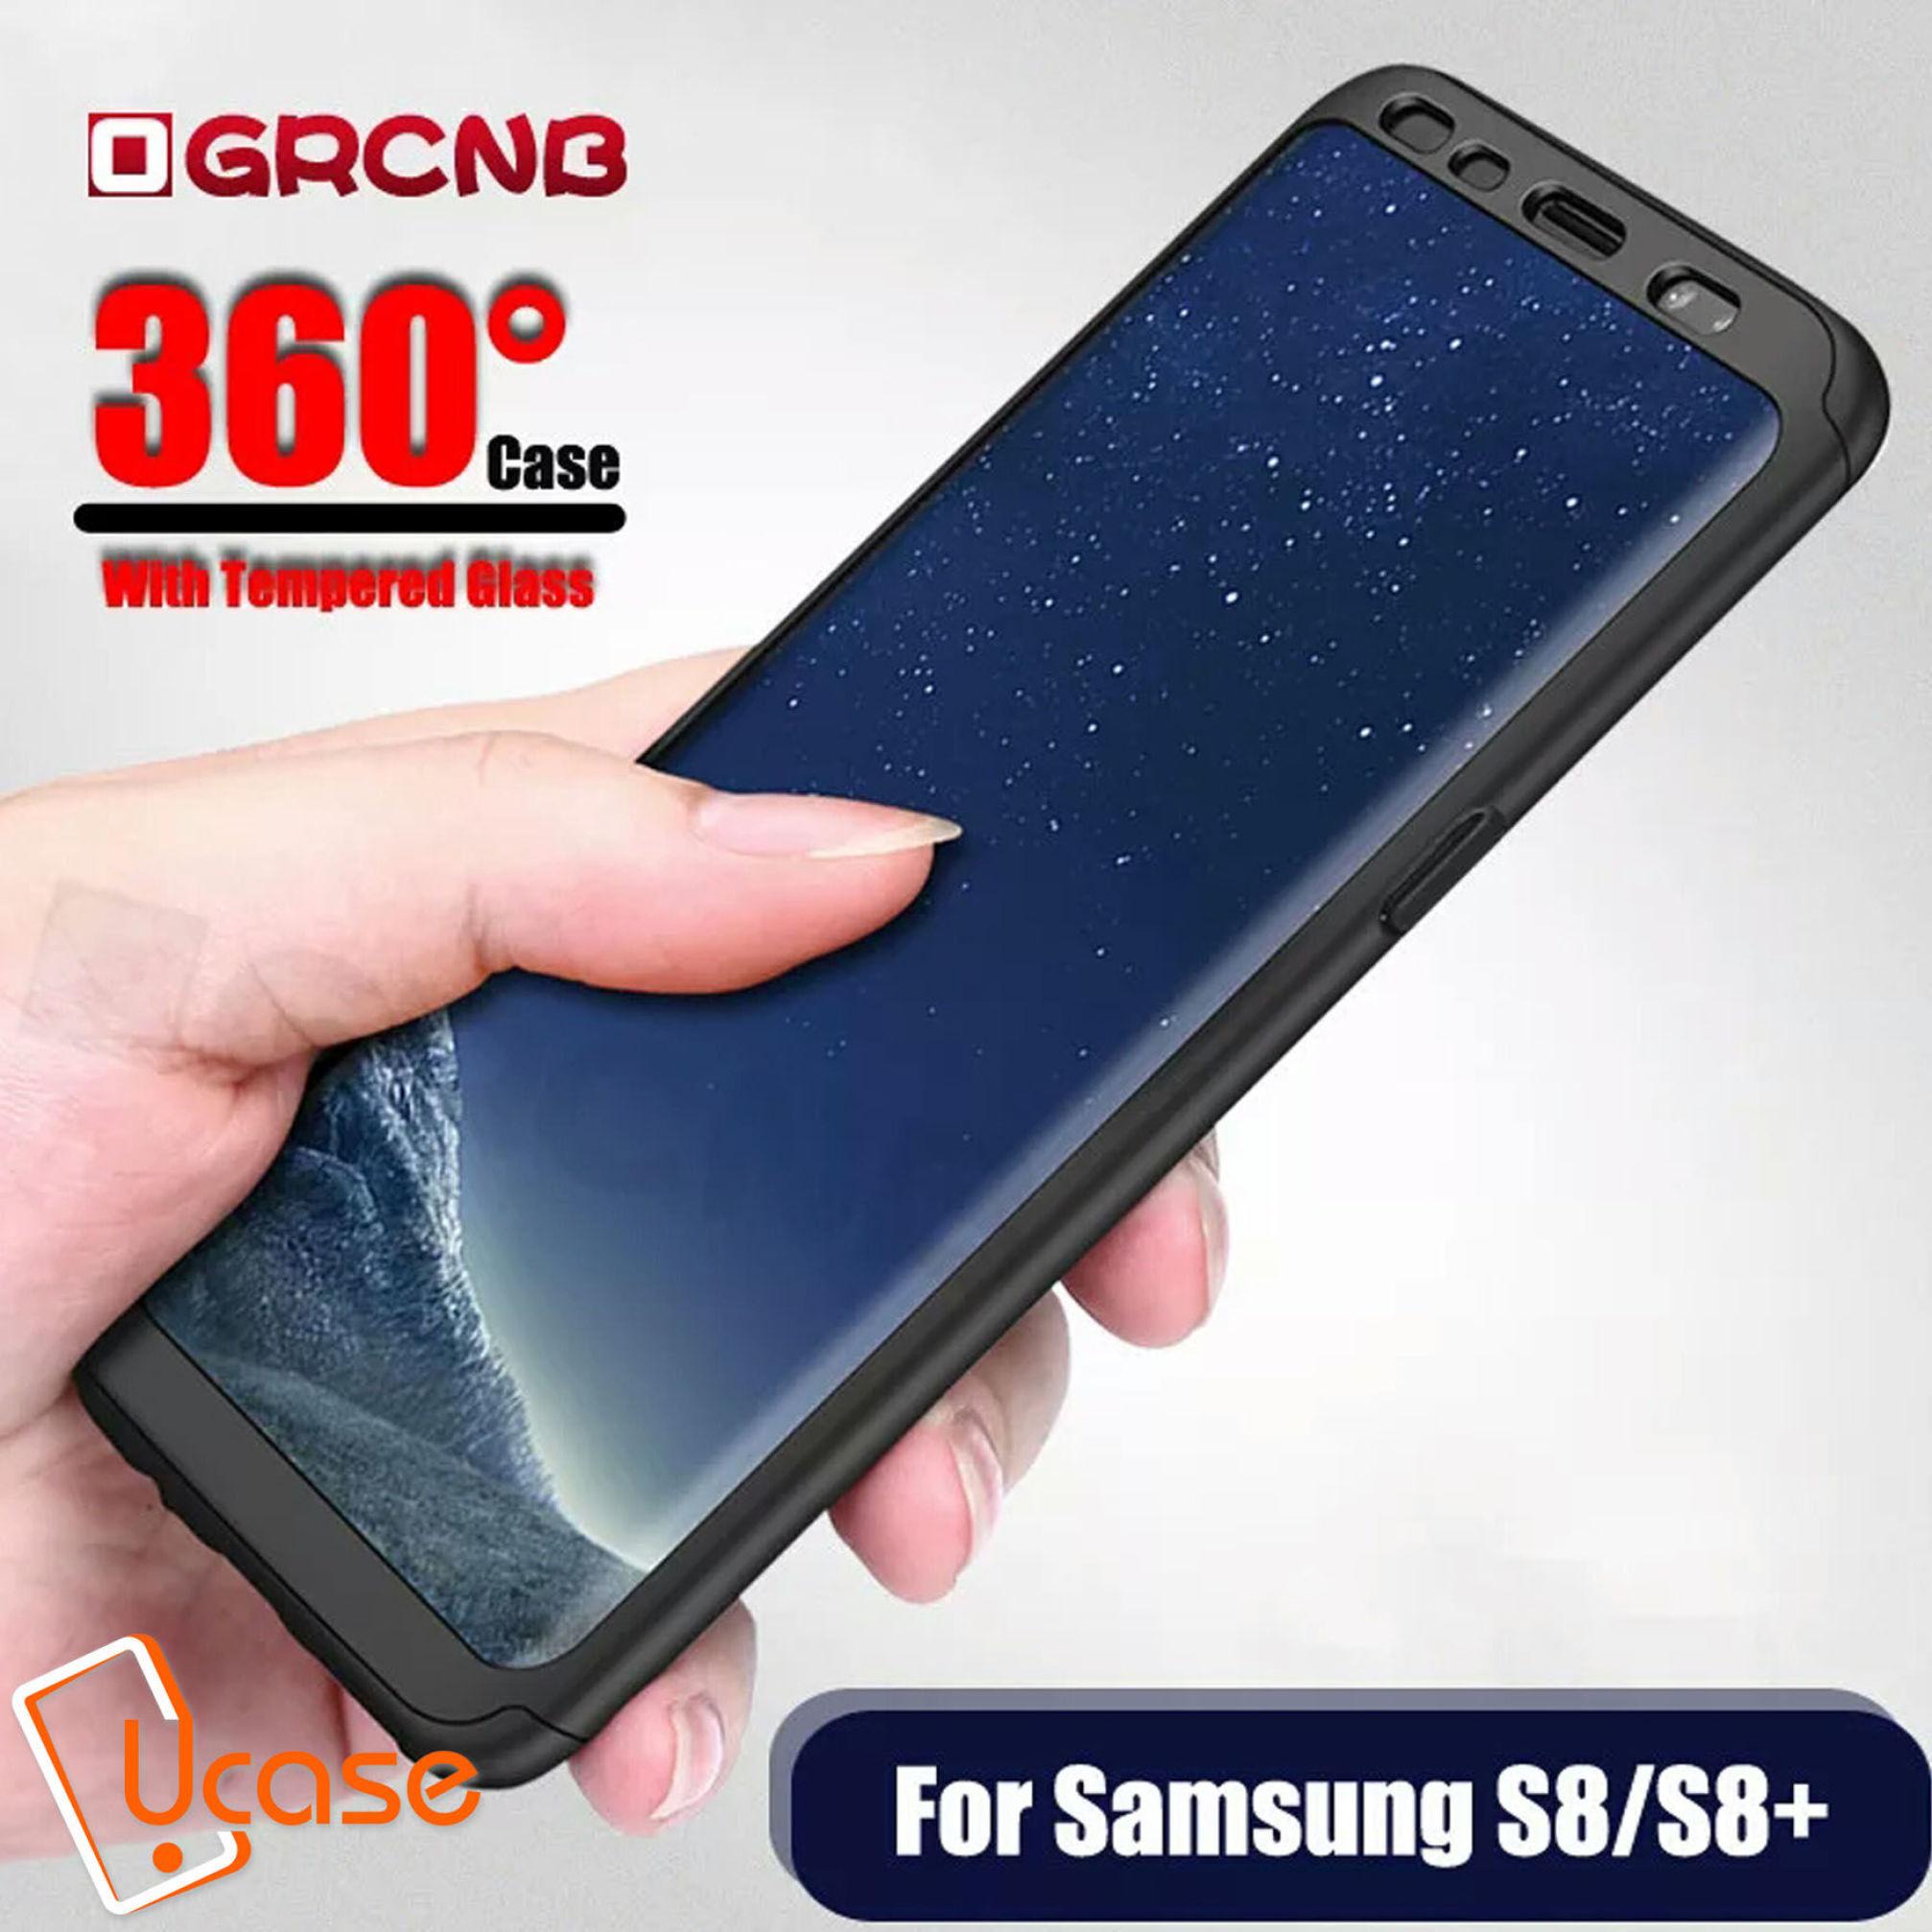 قاب 360 سامسونگ، قاب S8، قاب S8 Plus،قاب S9، قاب S9 Plus، قاب Note 8، قاب های خاص سامسونگ